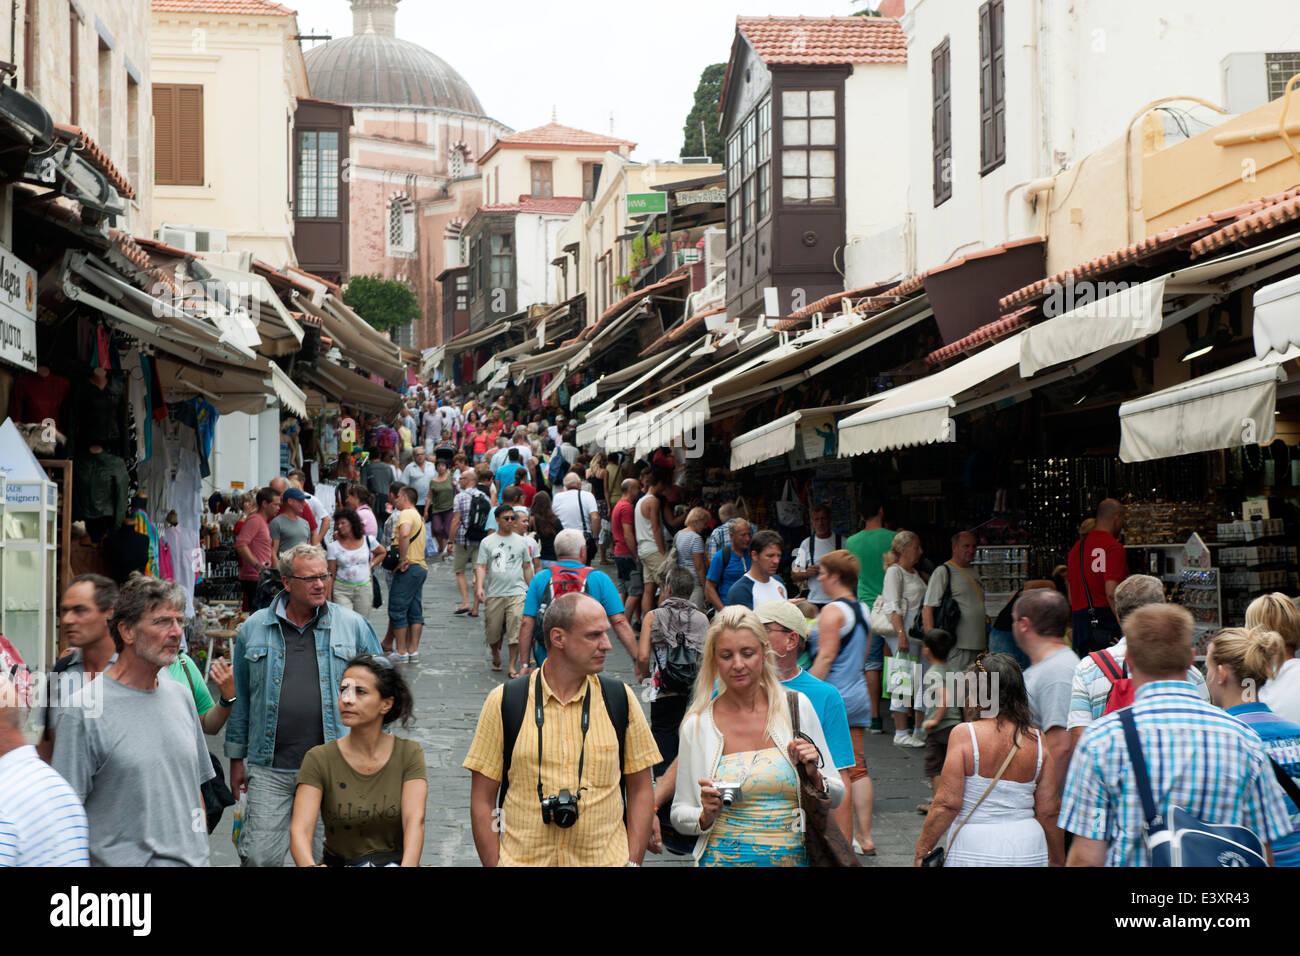 Griechenland, Rhodos-Stadt, Altstadt, Odos Sokratou, Touristische Einkaufsmeile - Stock Image